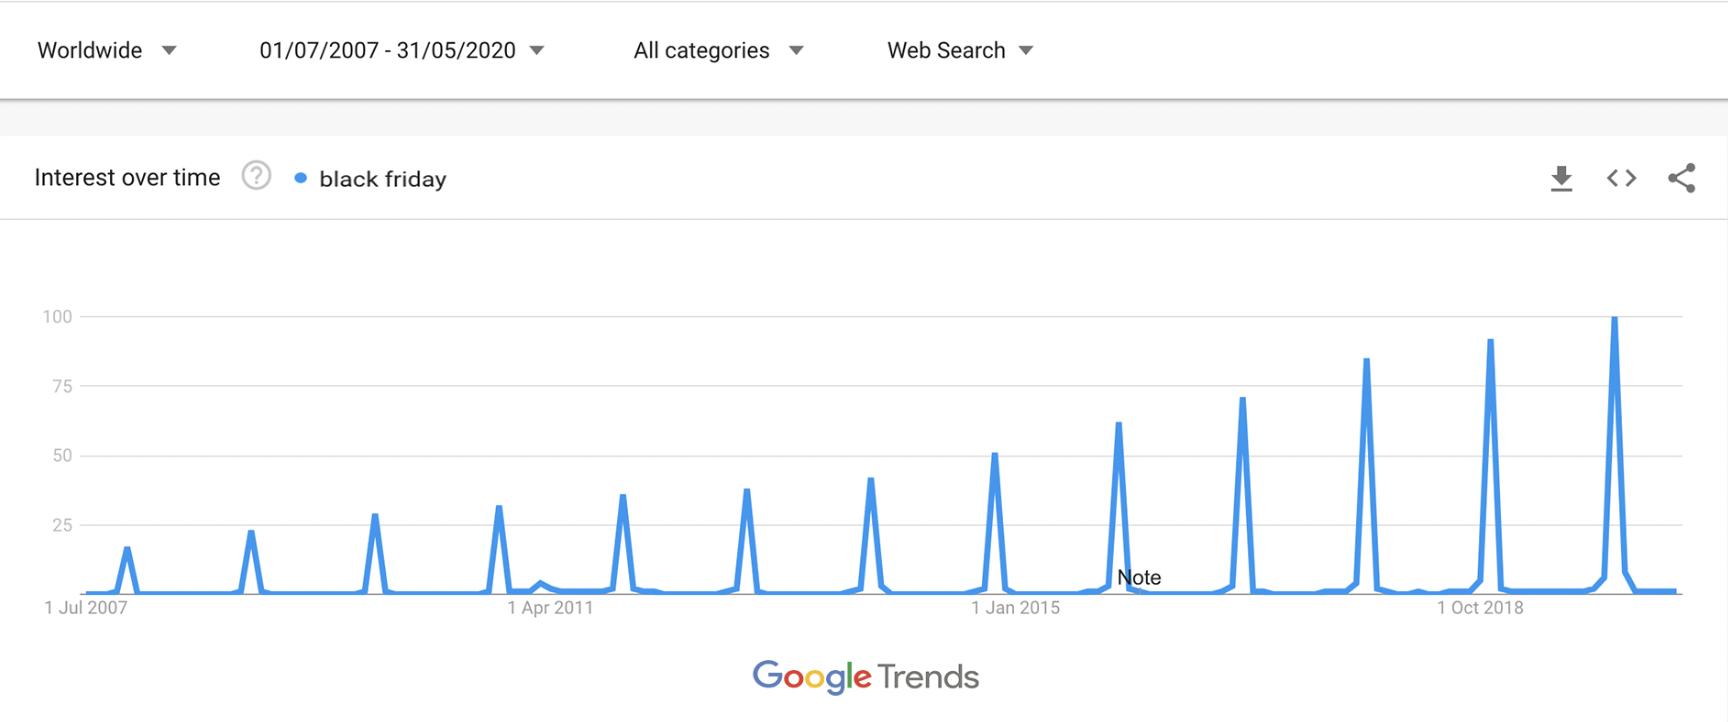 Google Trends: volumi di ricerca in relazione al Black Friday.